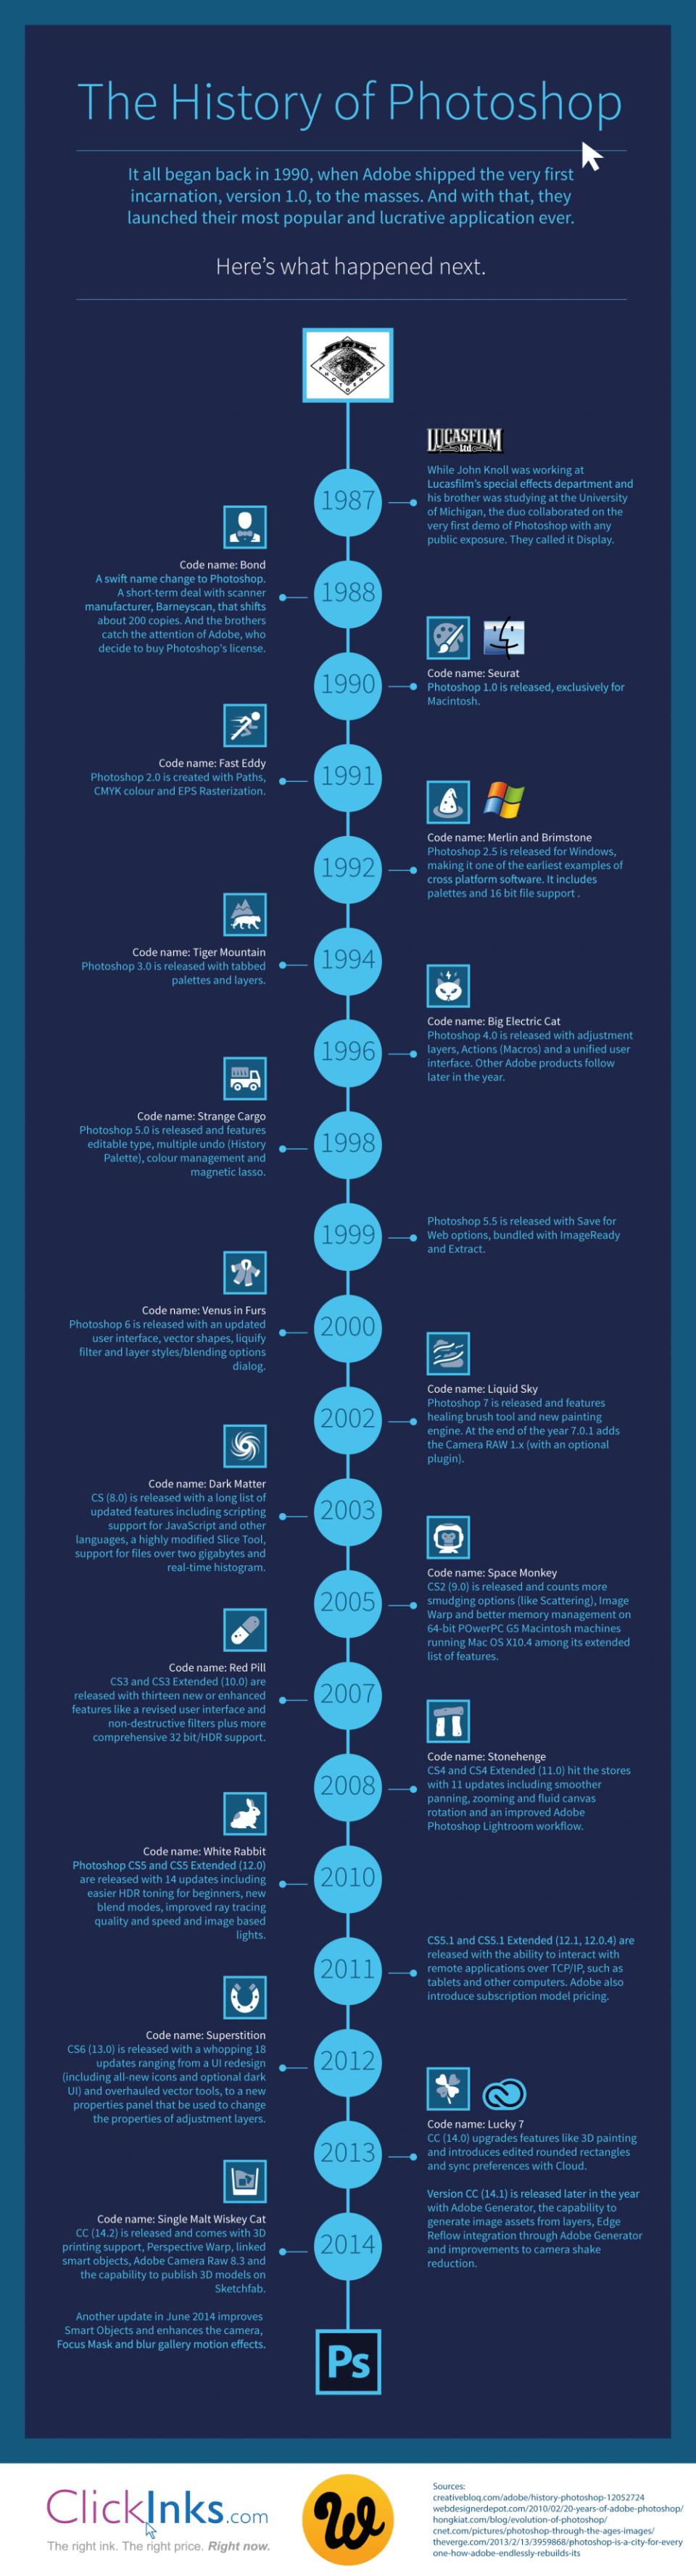 Histoire de Photoshop-Infographie-Blographisme-2